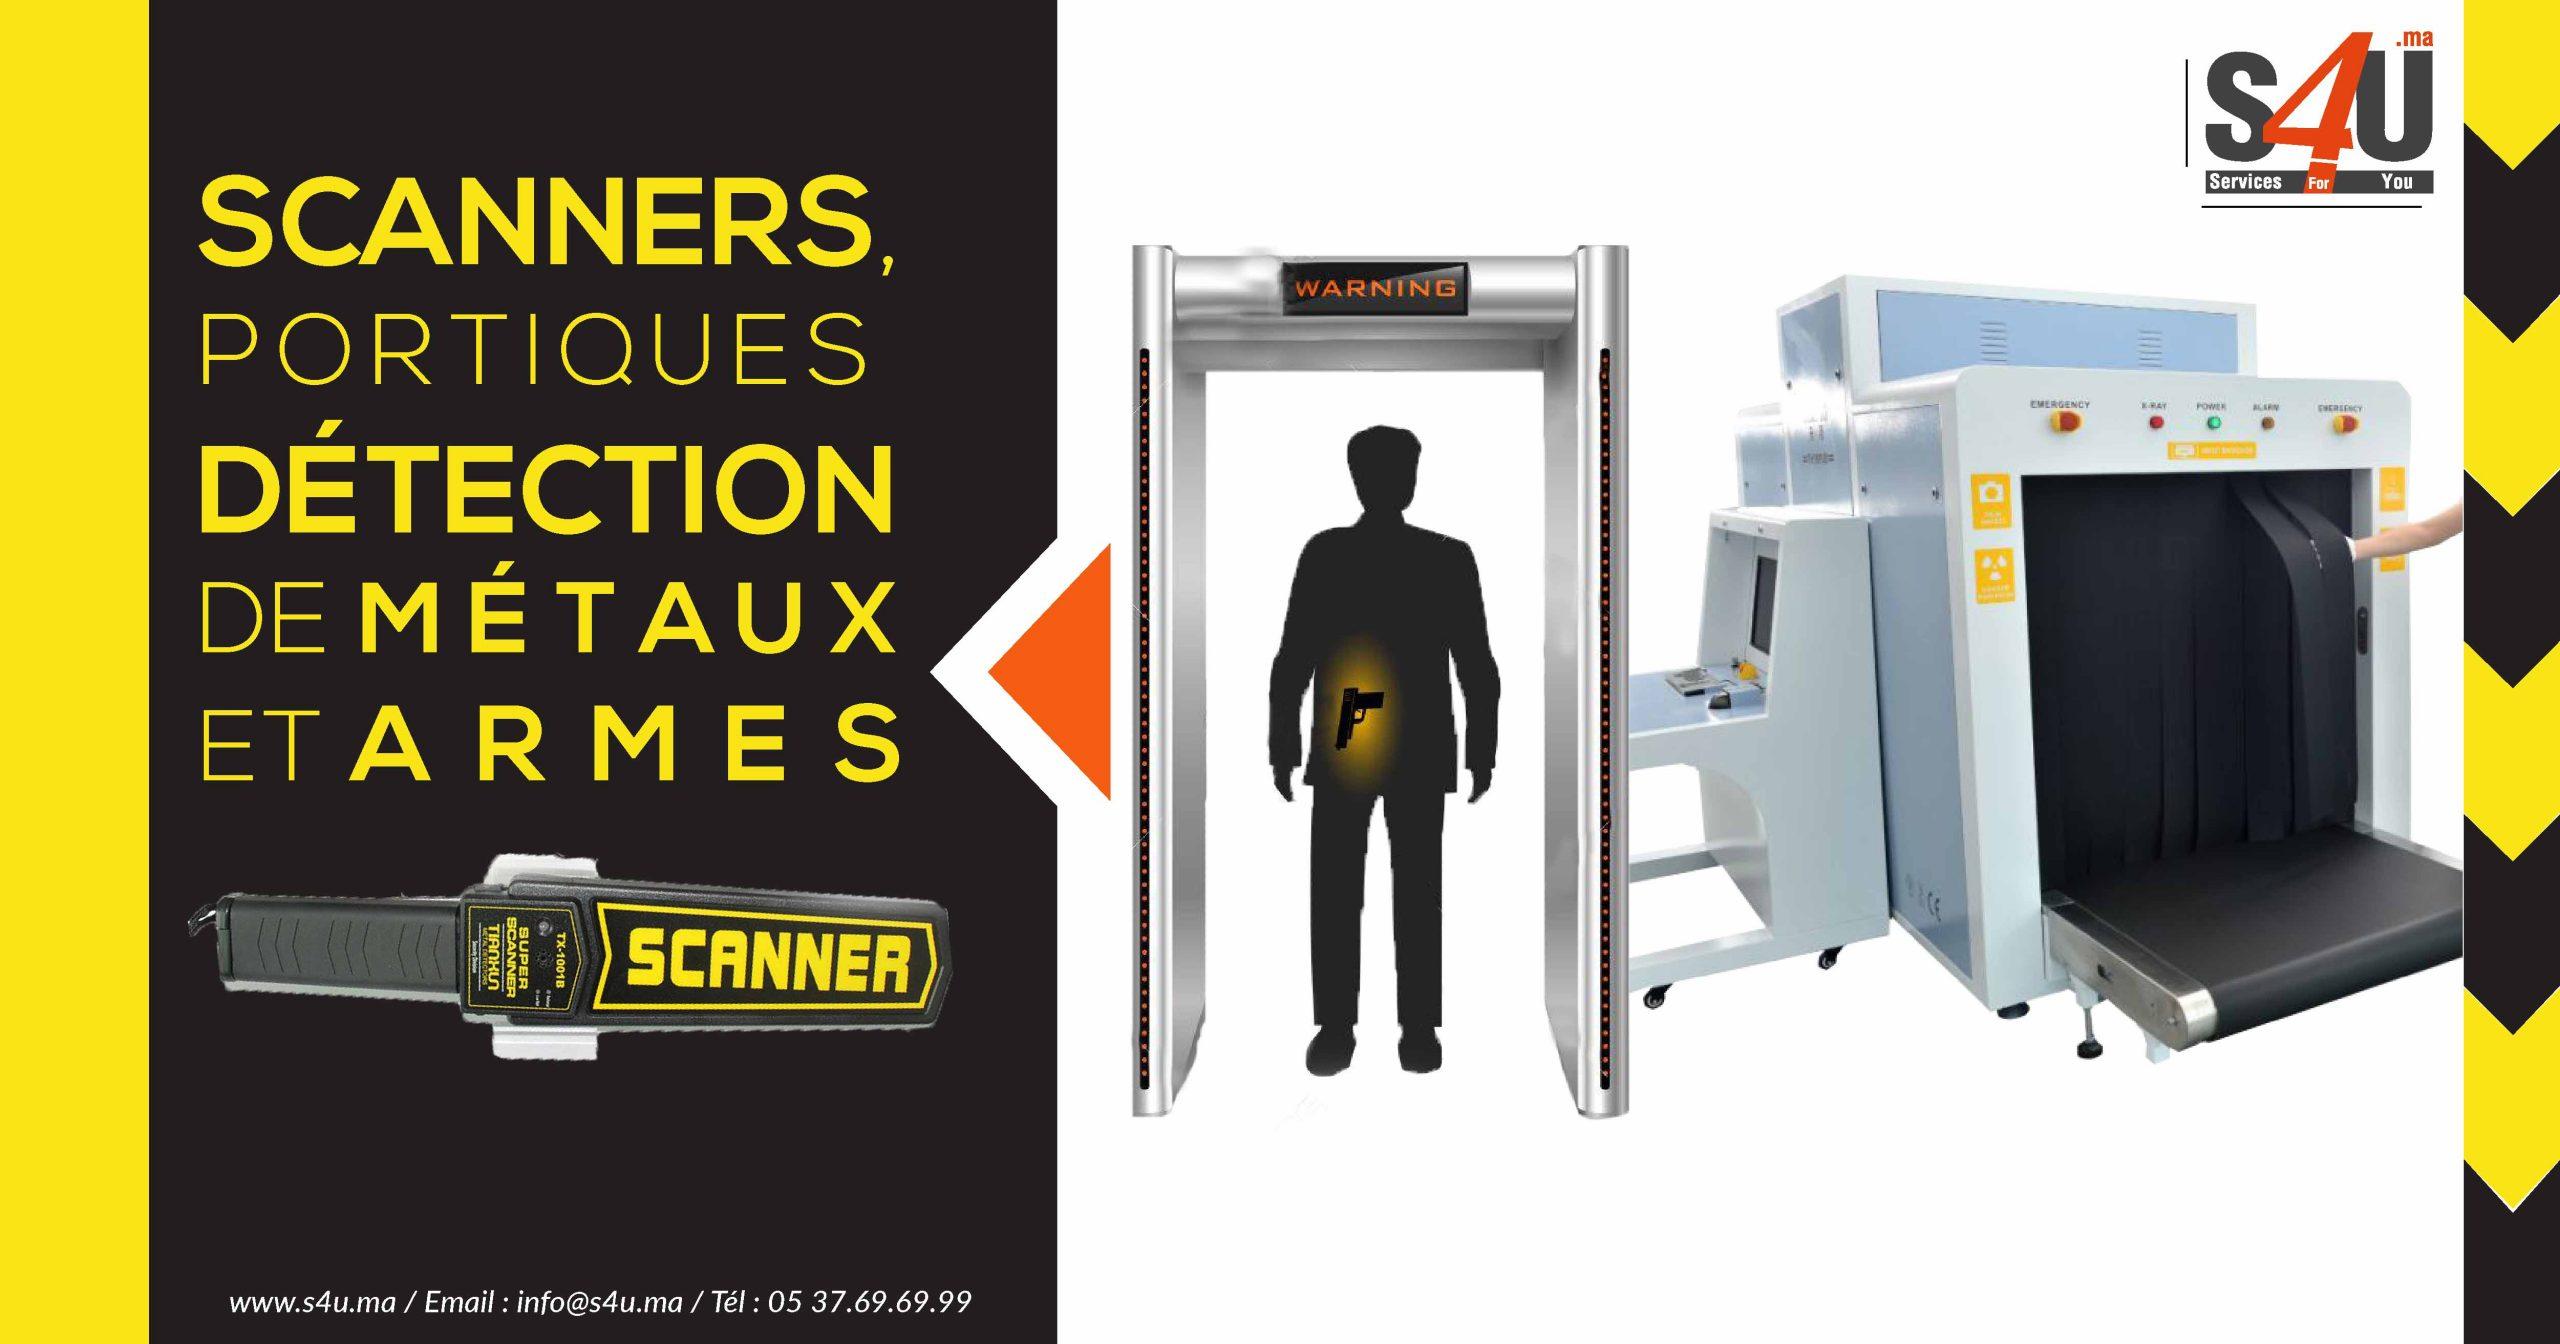 scanners, portiques détection de métaux et armes